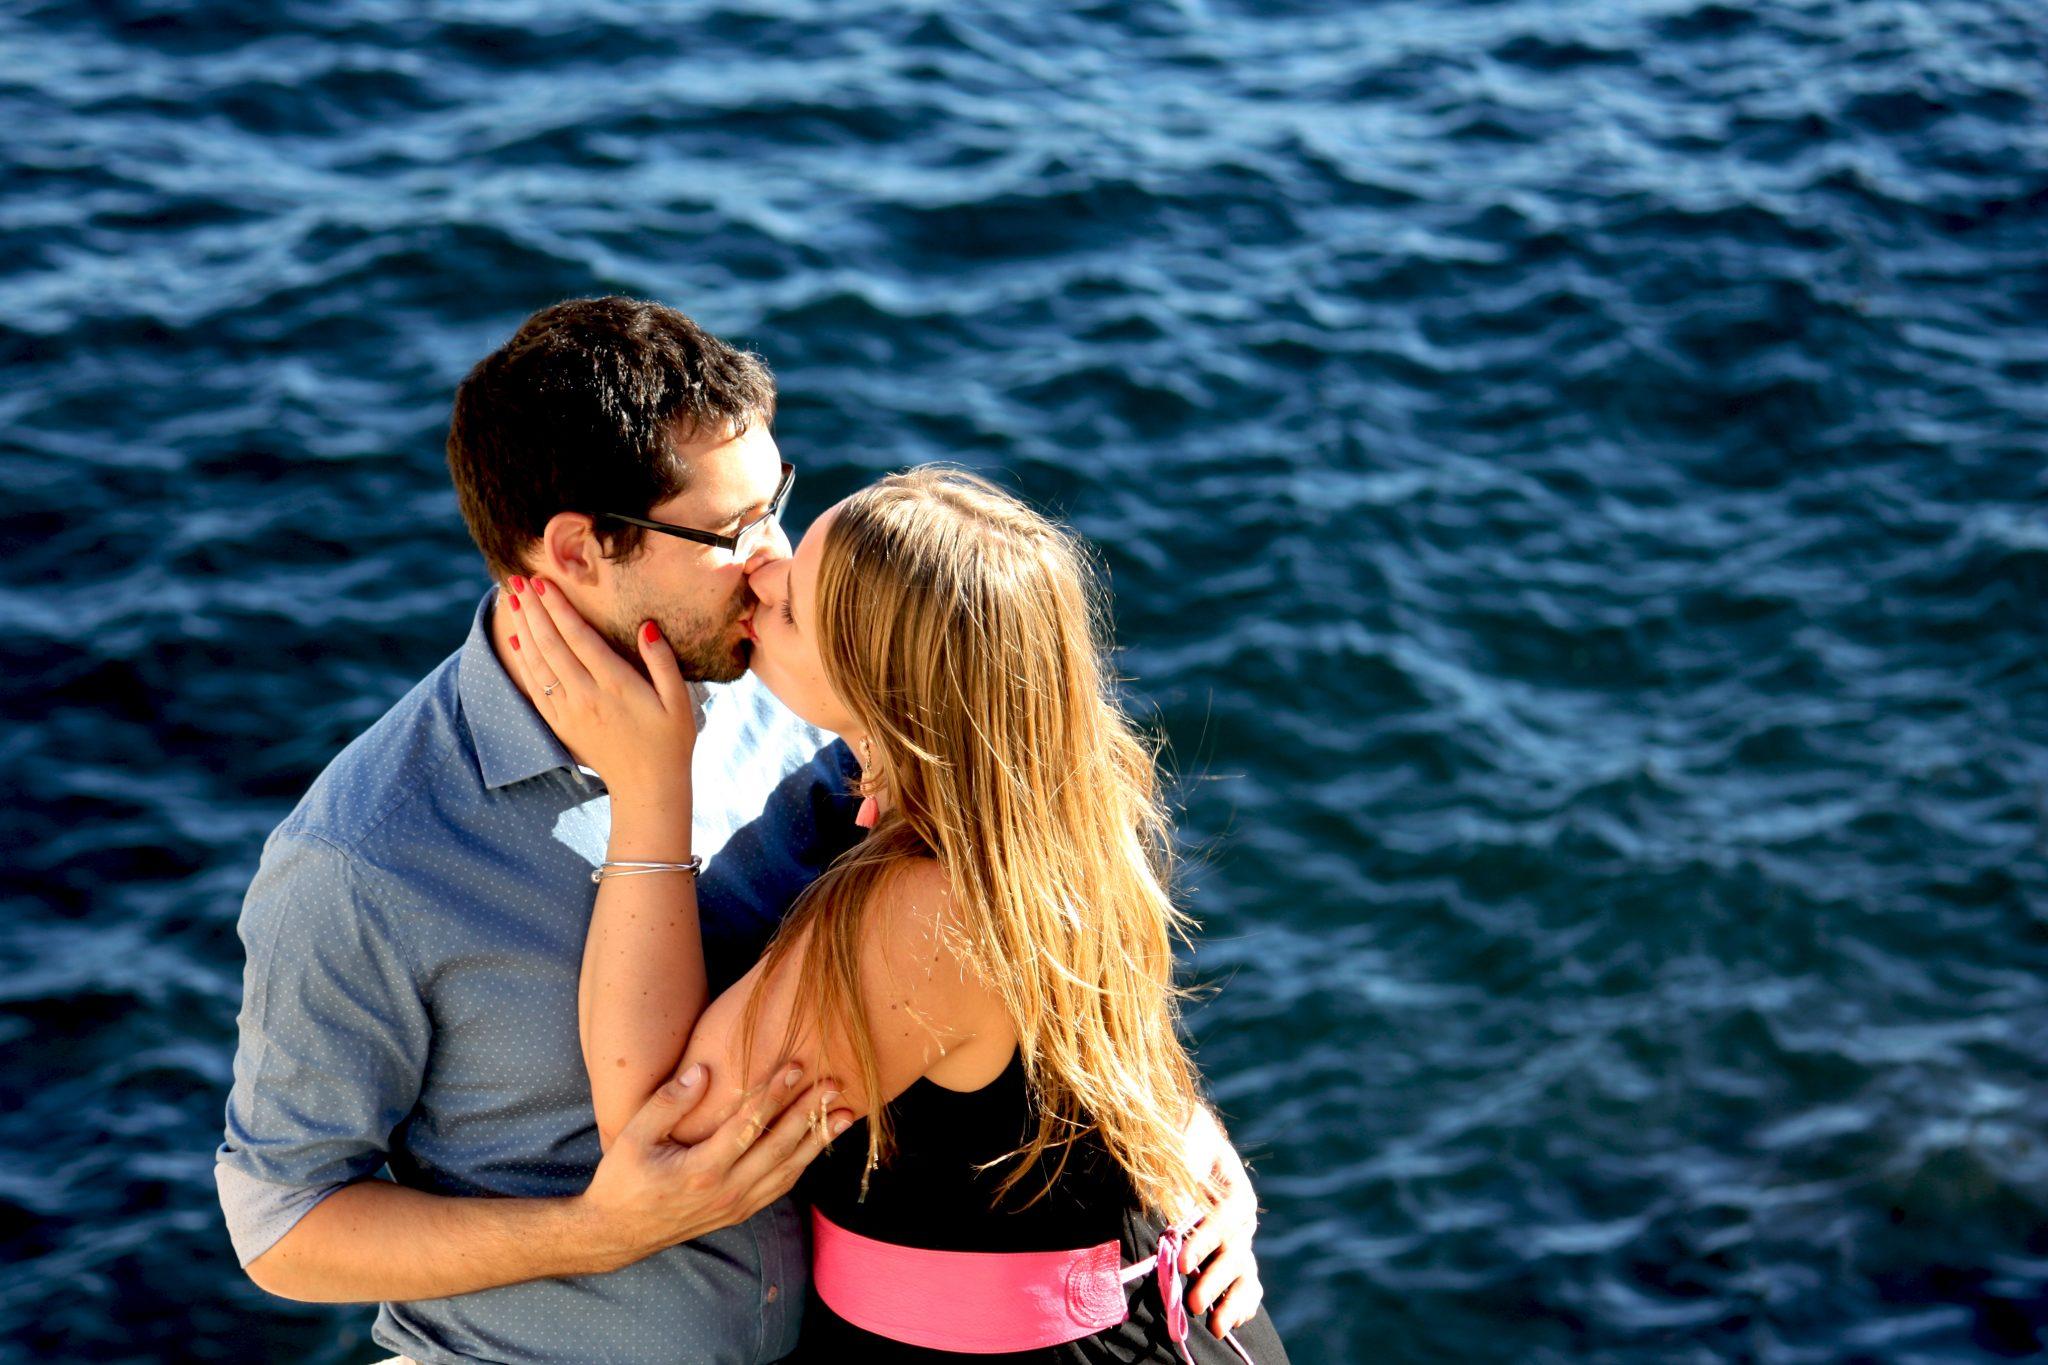 Notre séance d'engagement en bord de mer